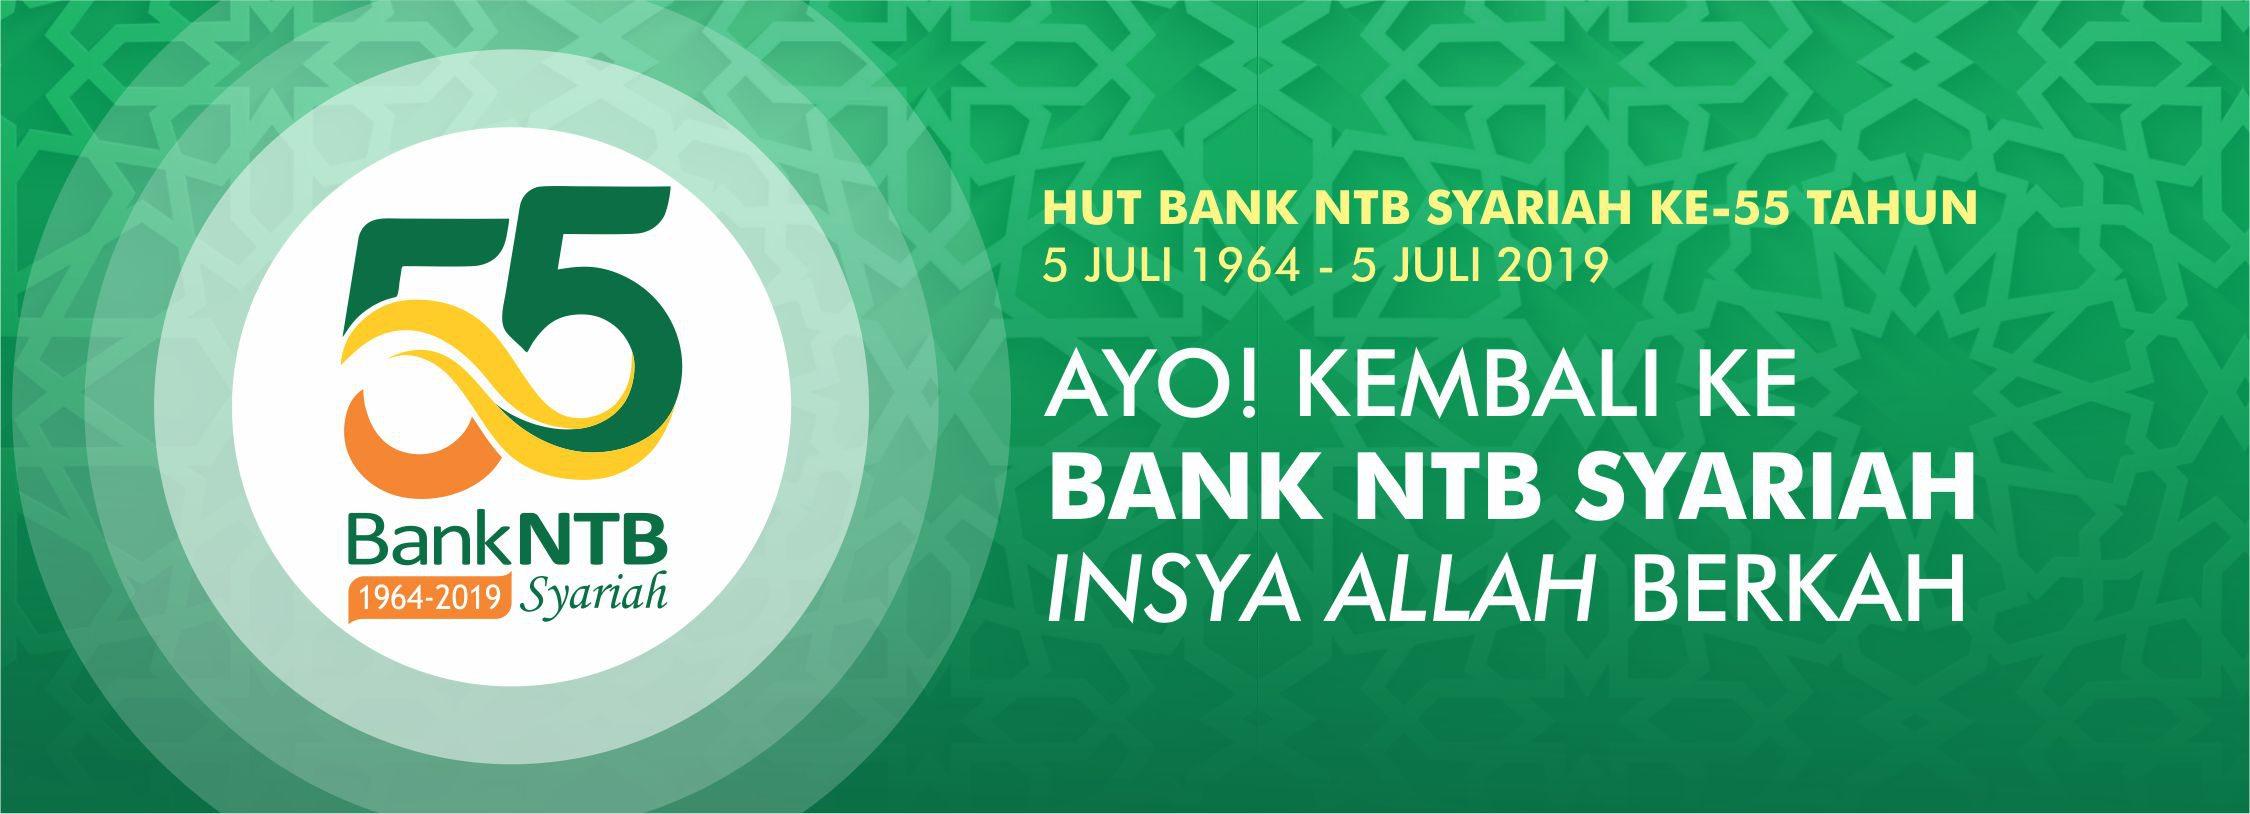 HUT_Bank_NTB_Syariah_Ke_55_Tahun